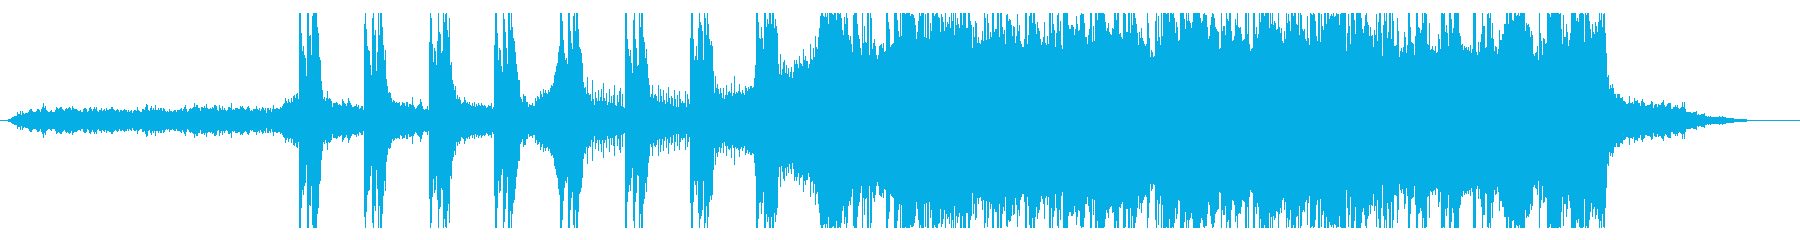 壮大なオーケストラ・映画オープニング系の再生済みの波形